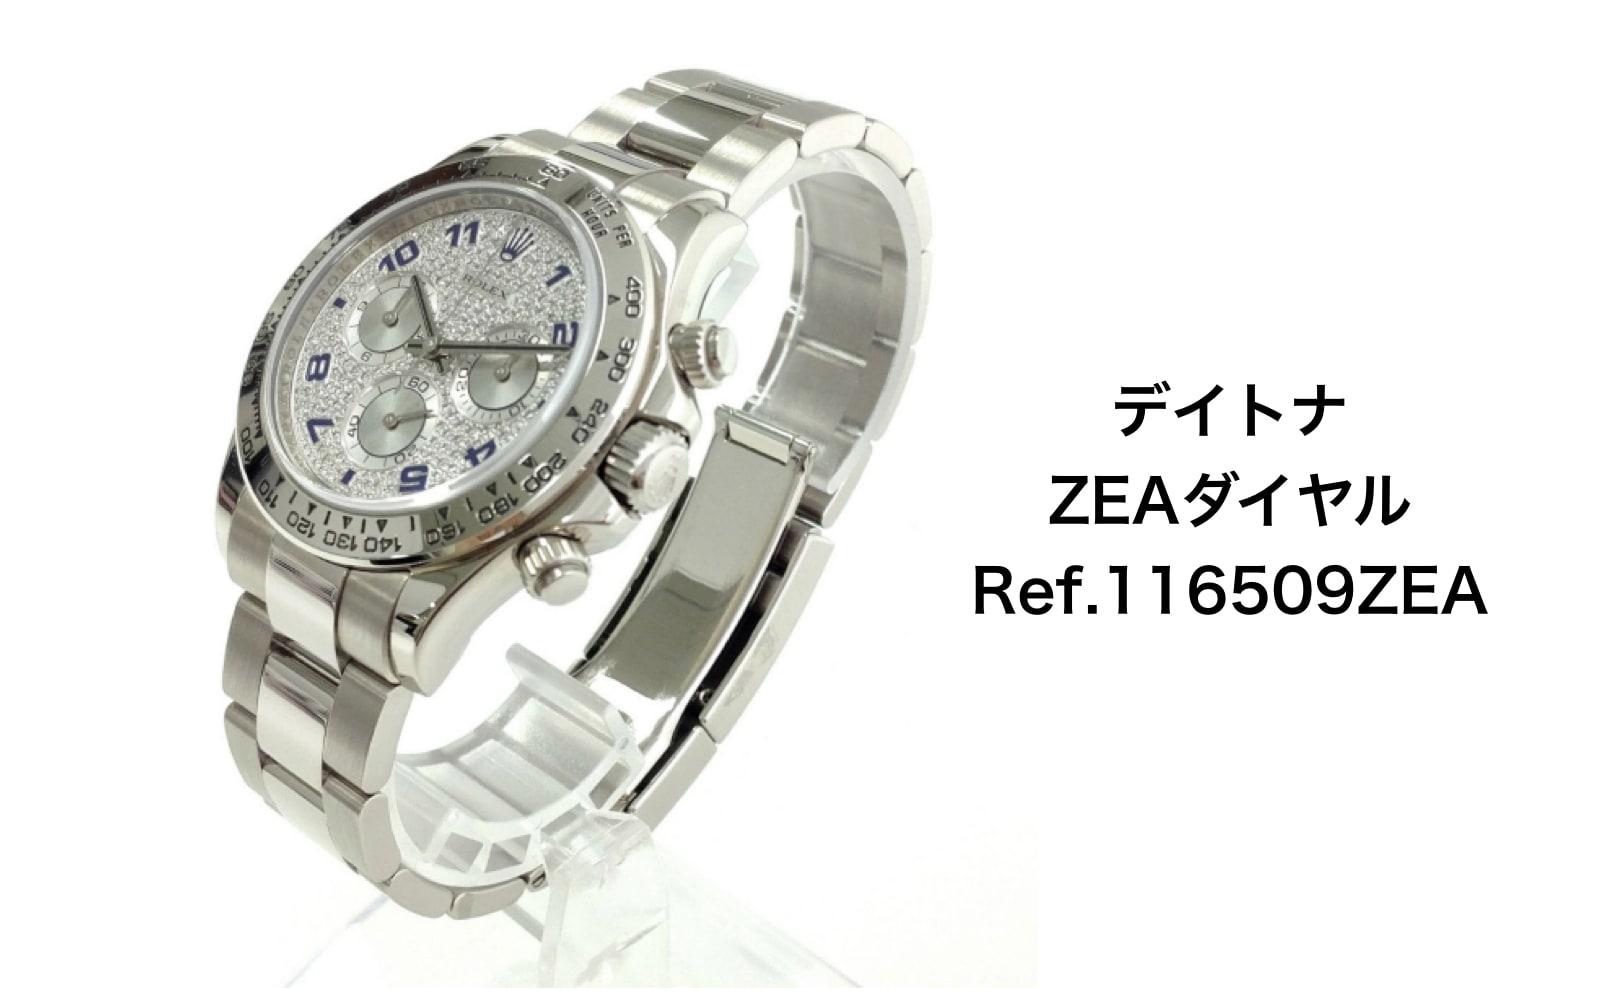 ロレックス買取デイトナ116509zea,zerパヴェダイヤ